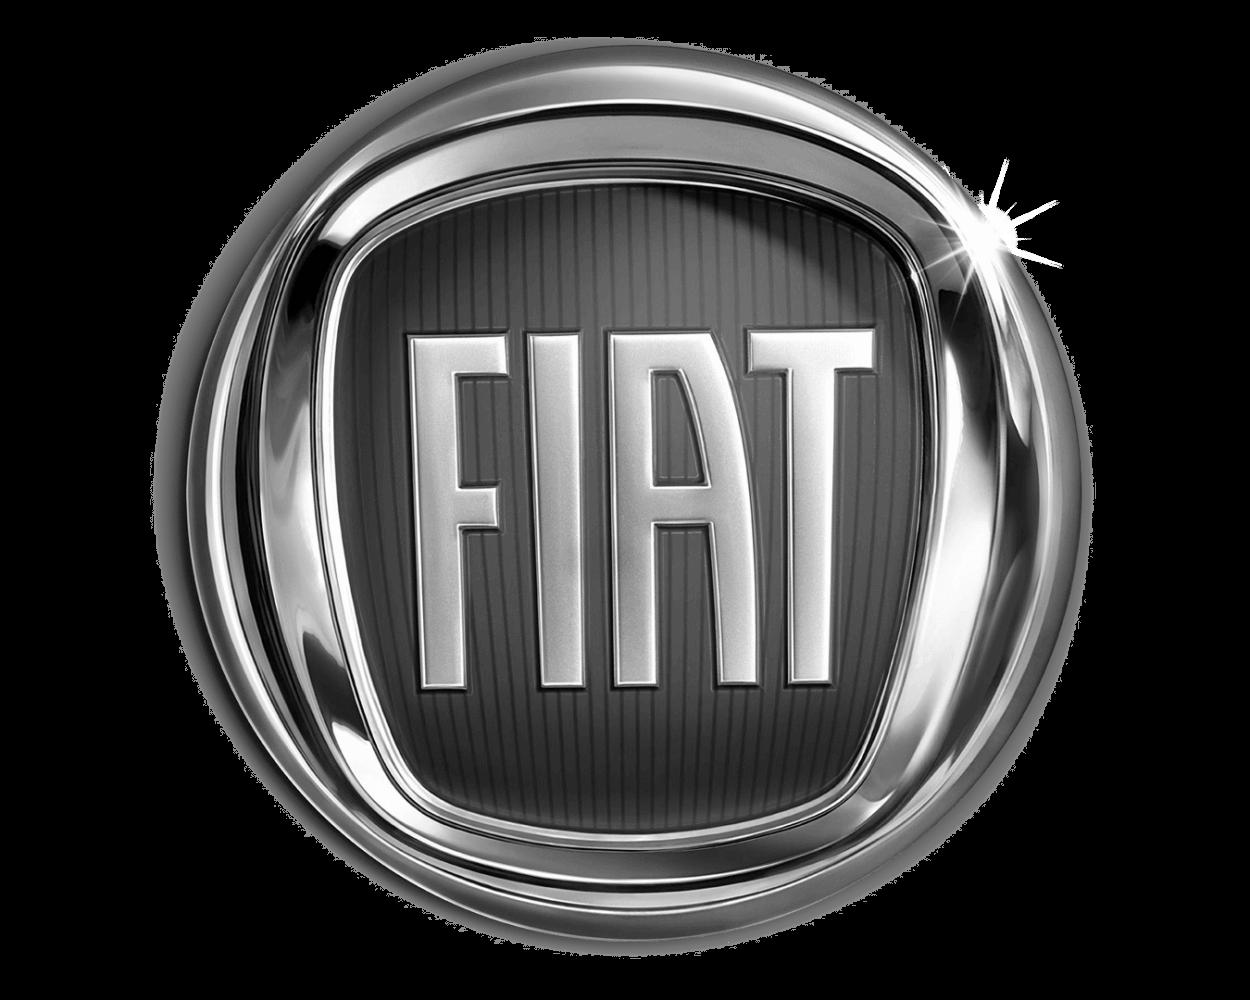 logo fiat bw